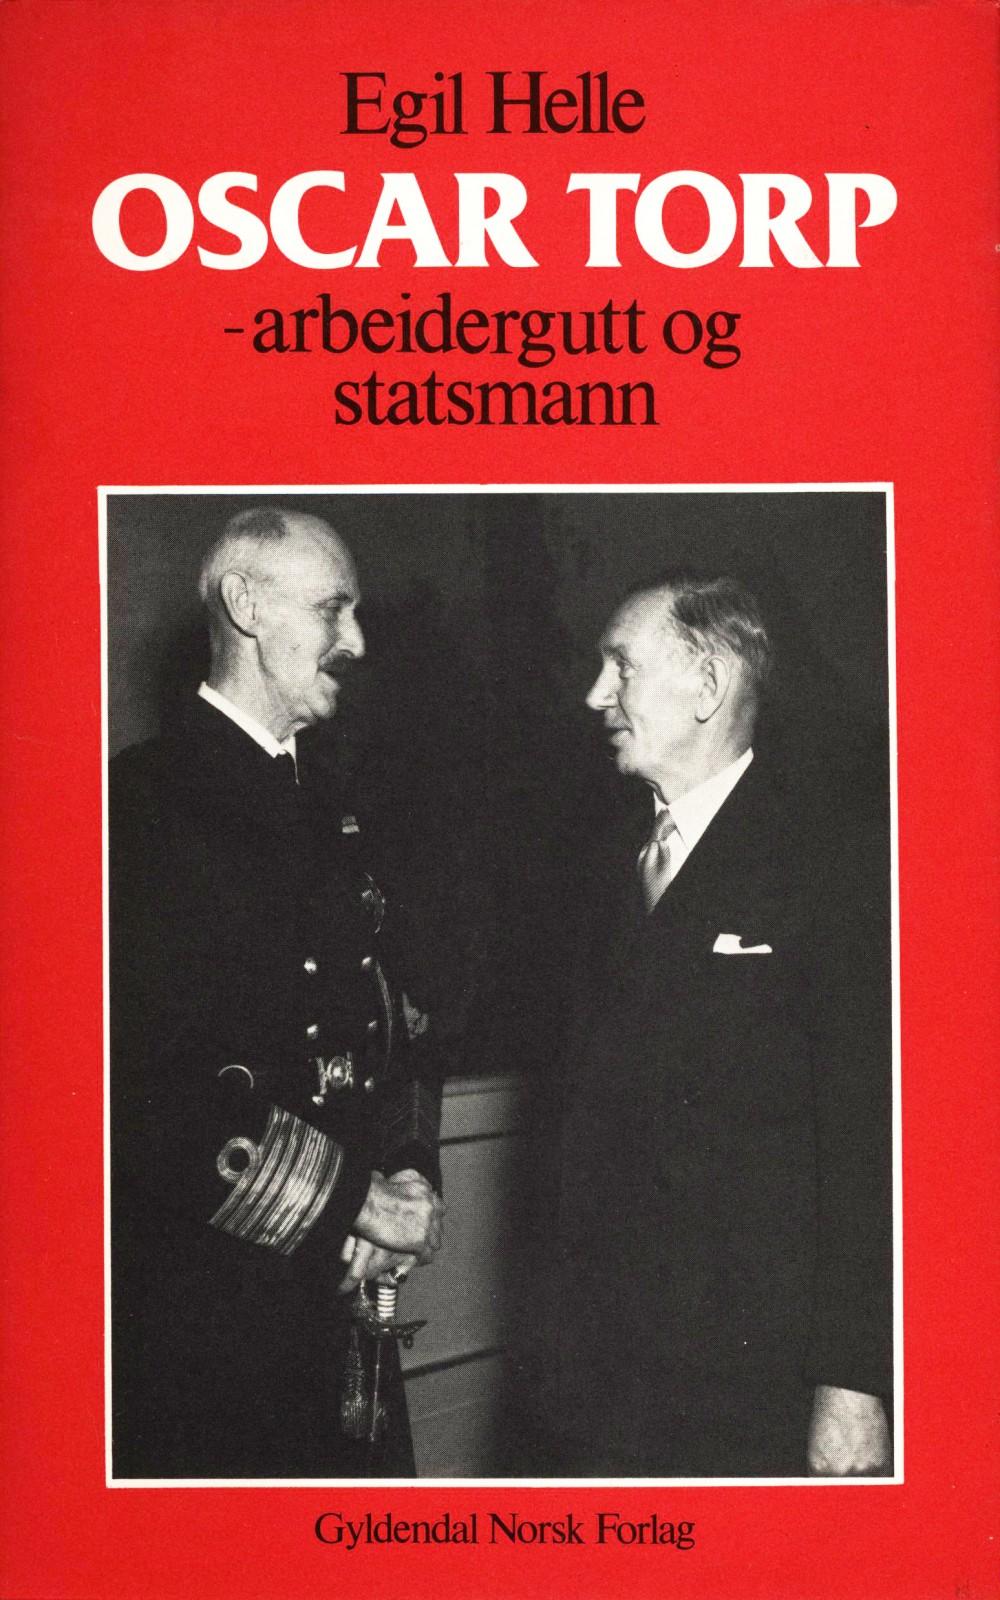 Egil Helle: Oscar Torp - Arbeidergutt og statsmann